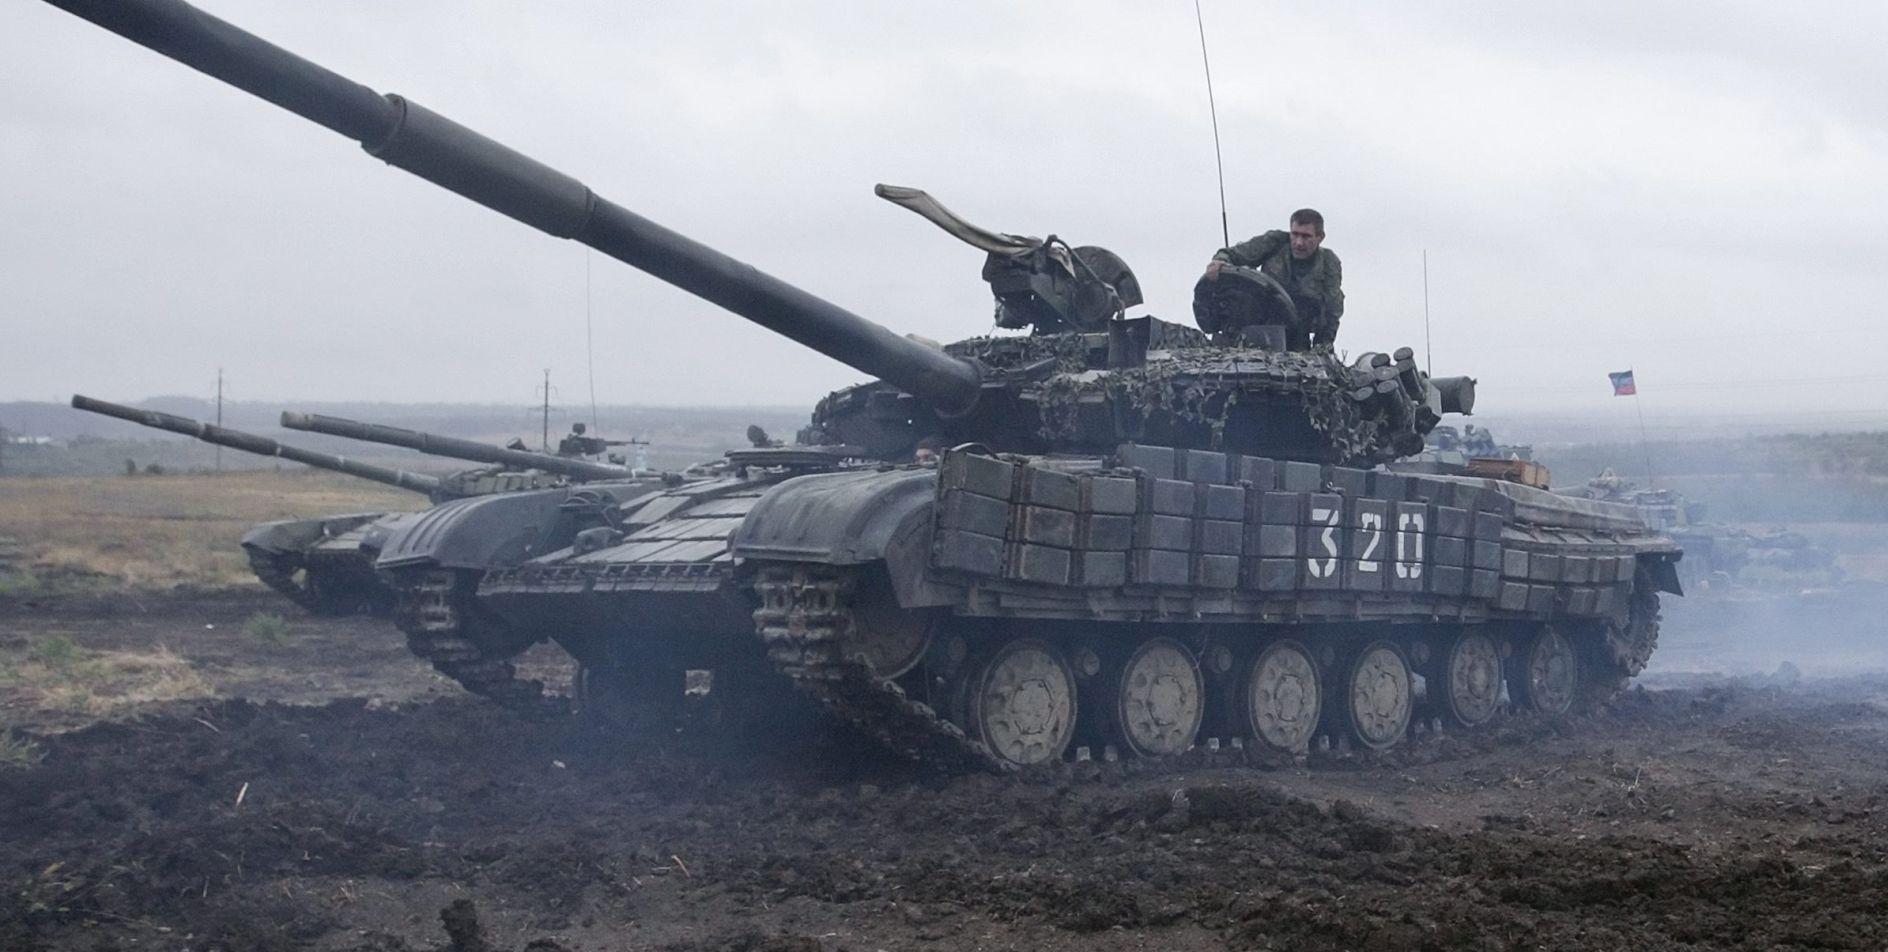 Najmanje 30 vojnika ubijeno u borbama oko Nagorno Karabaha